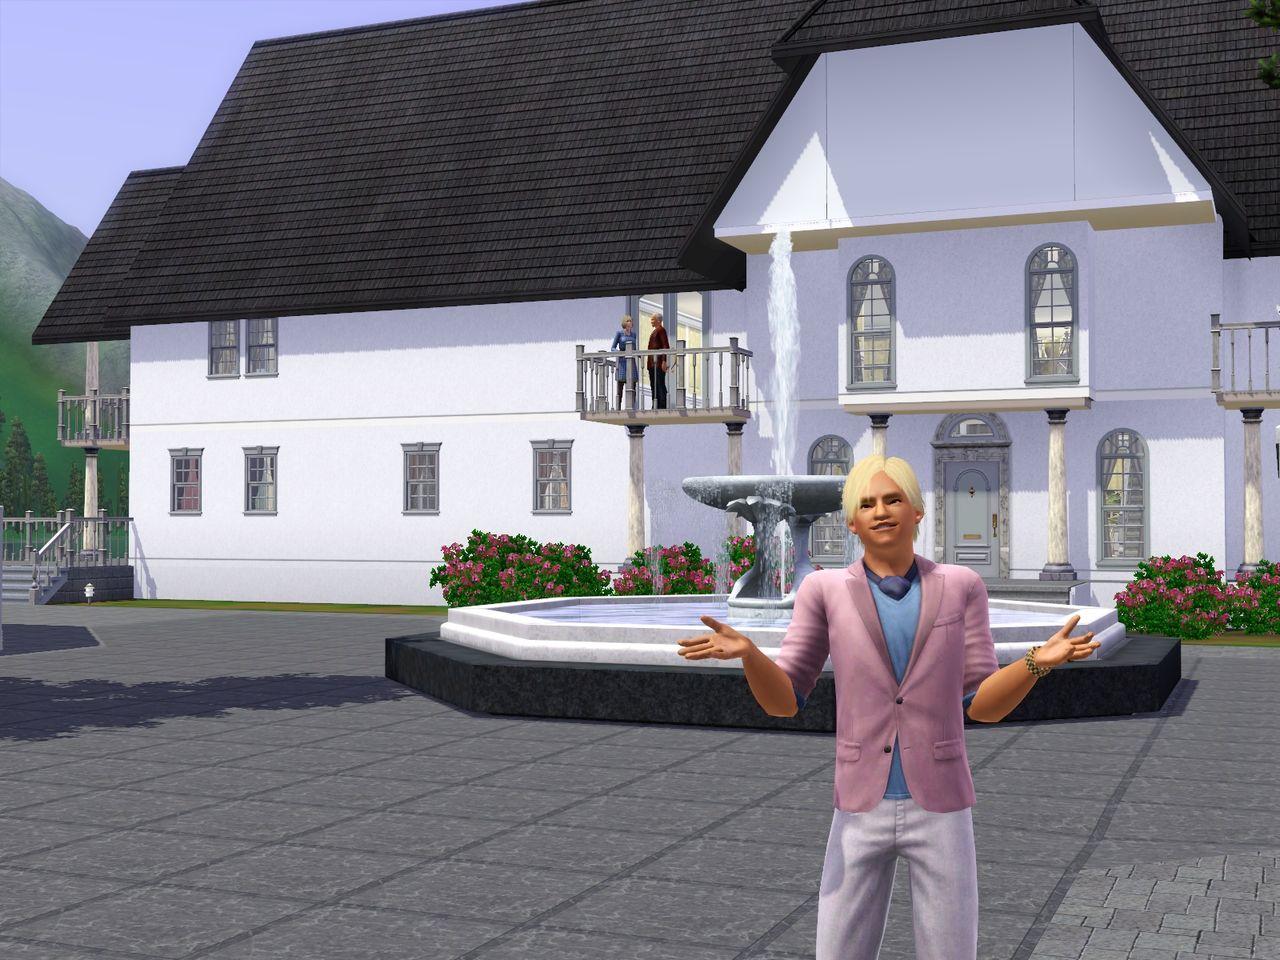 Sims 3 можно ли играть со всеми дополнениями - 3b9f